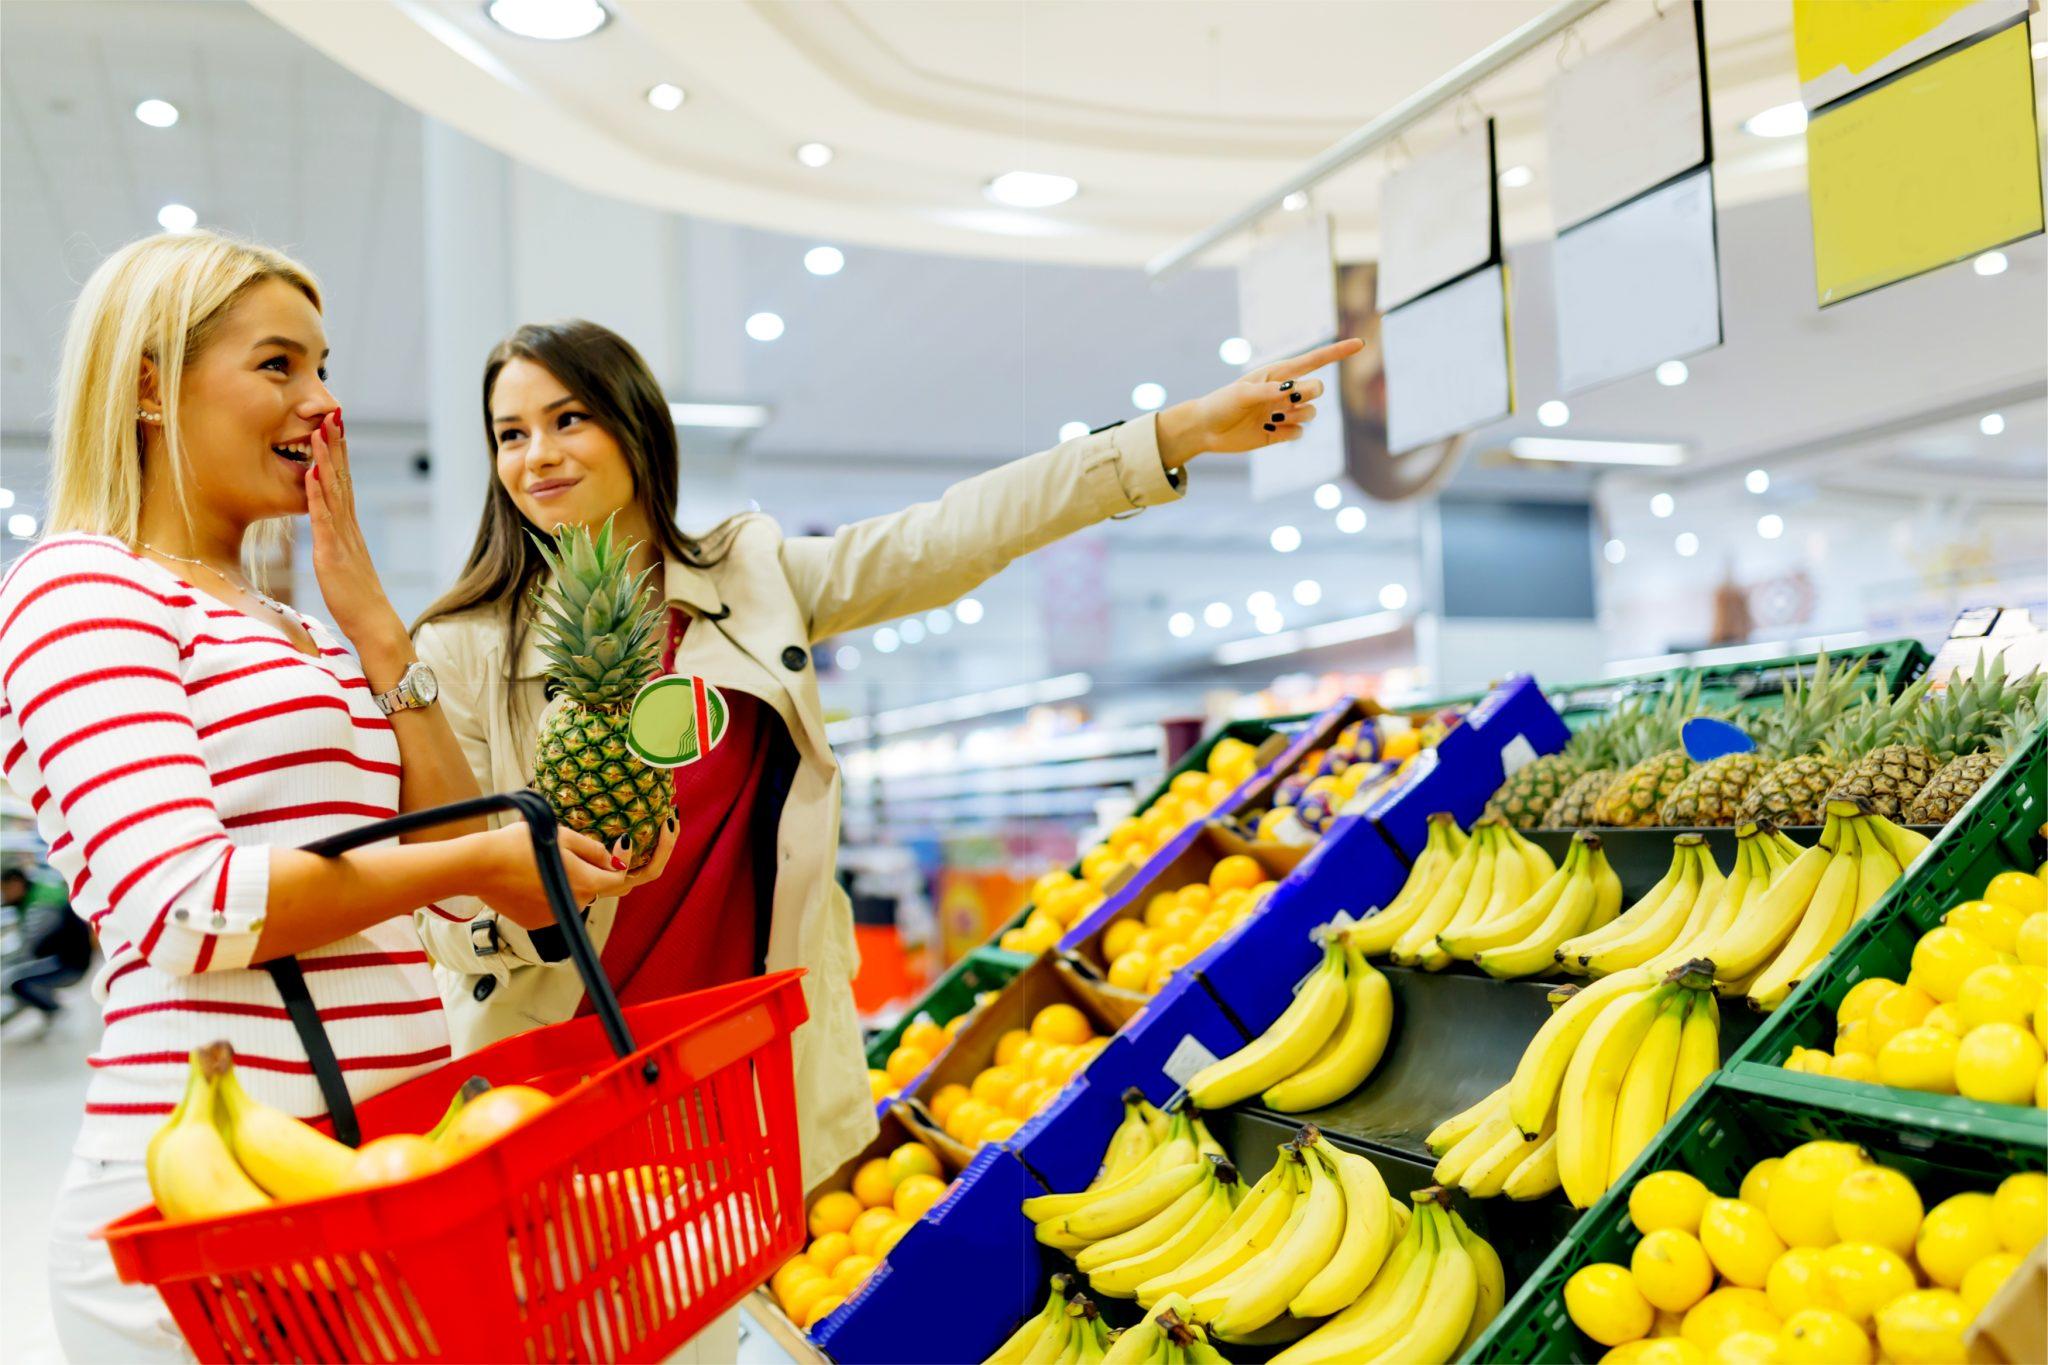 スーパーでバナナを選んでいる主婦